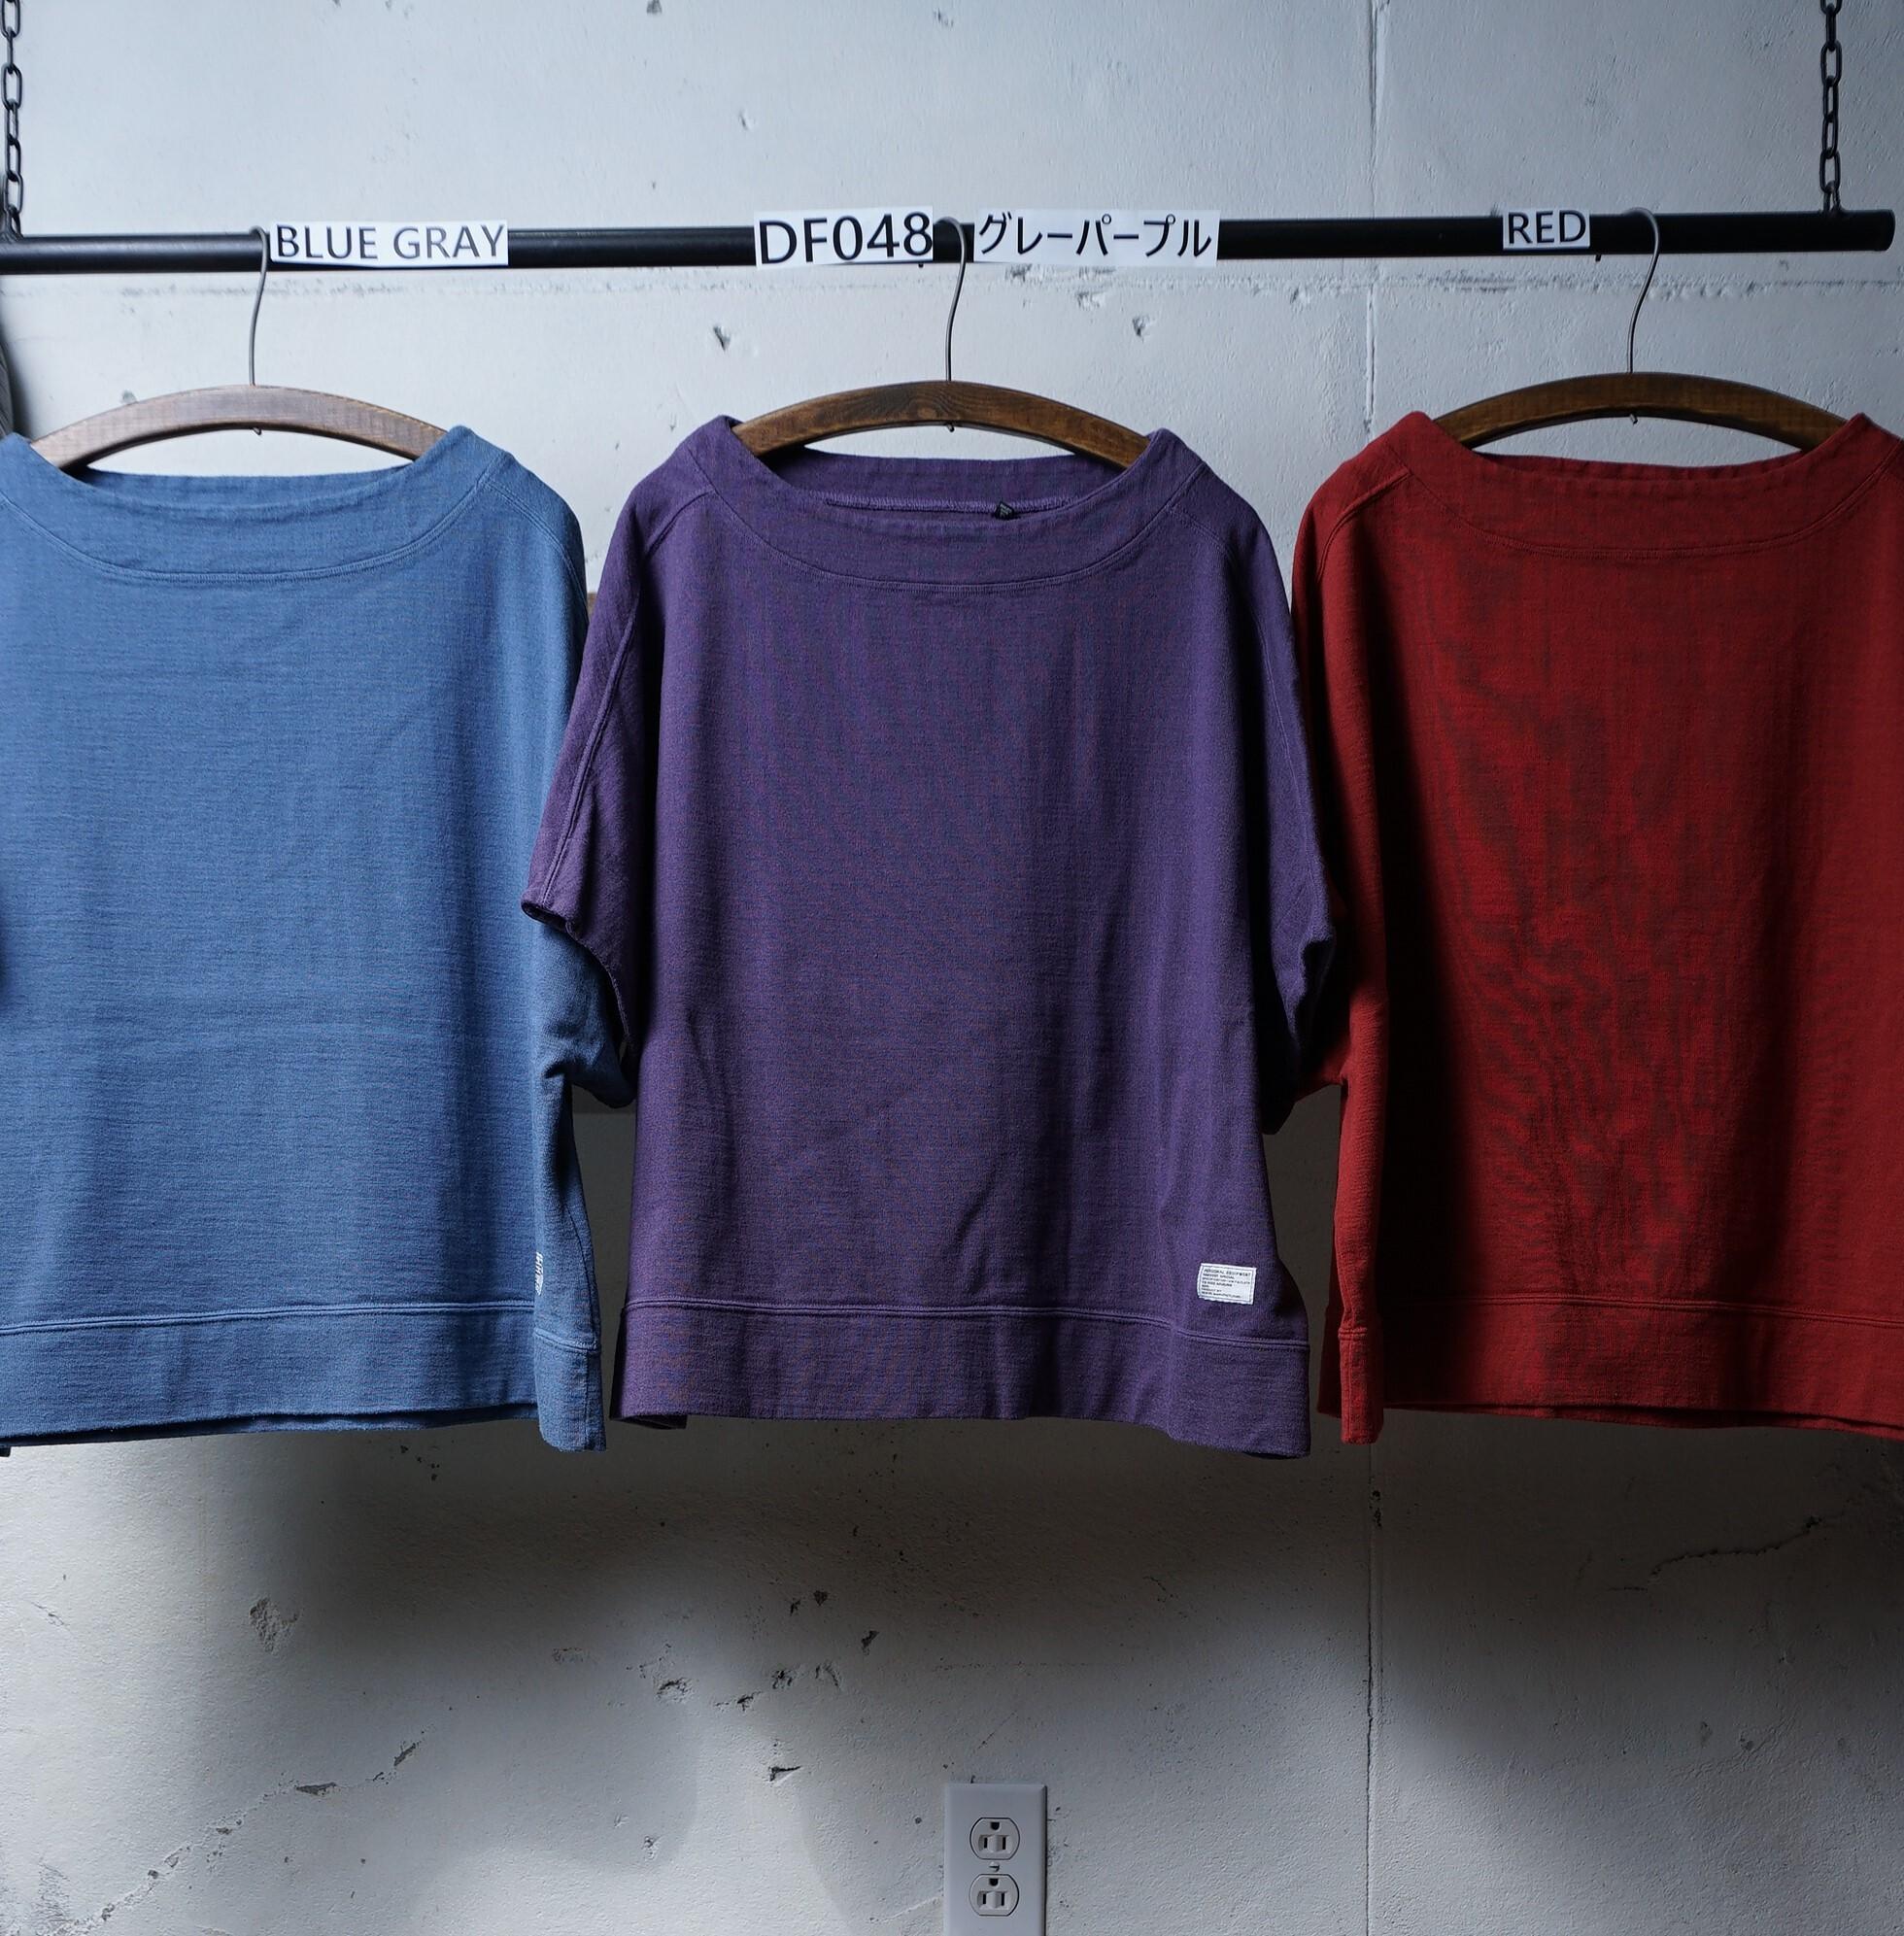 【3月~4月お届け】 クラシックハーベスト 吊り編み綿レーヨン プルオーバー